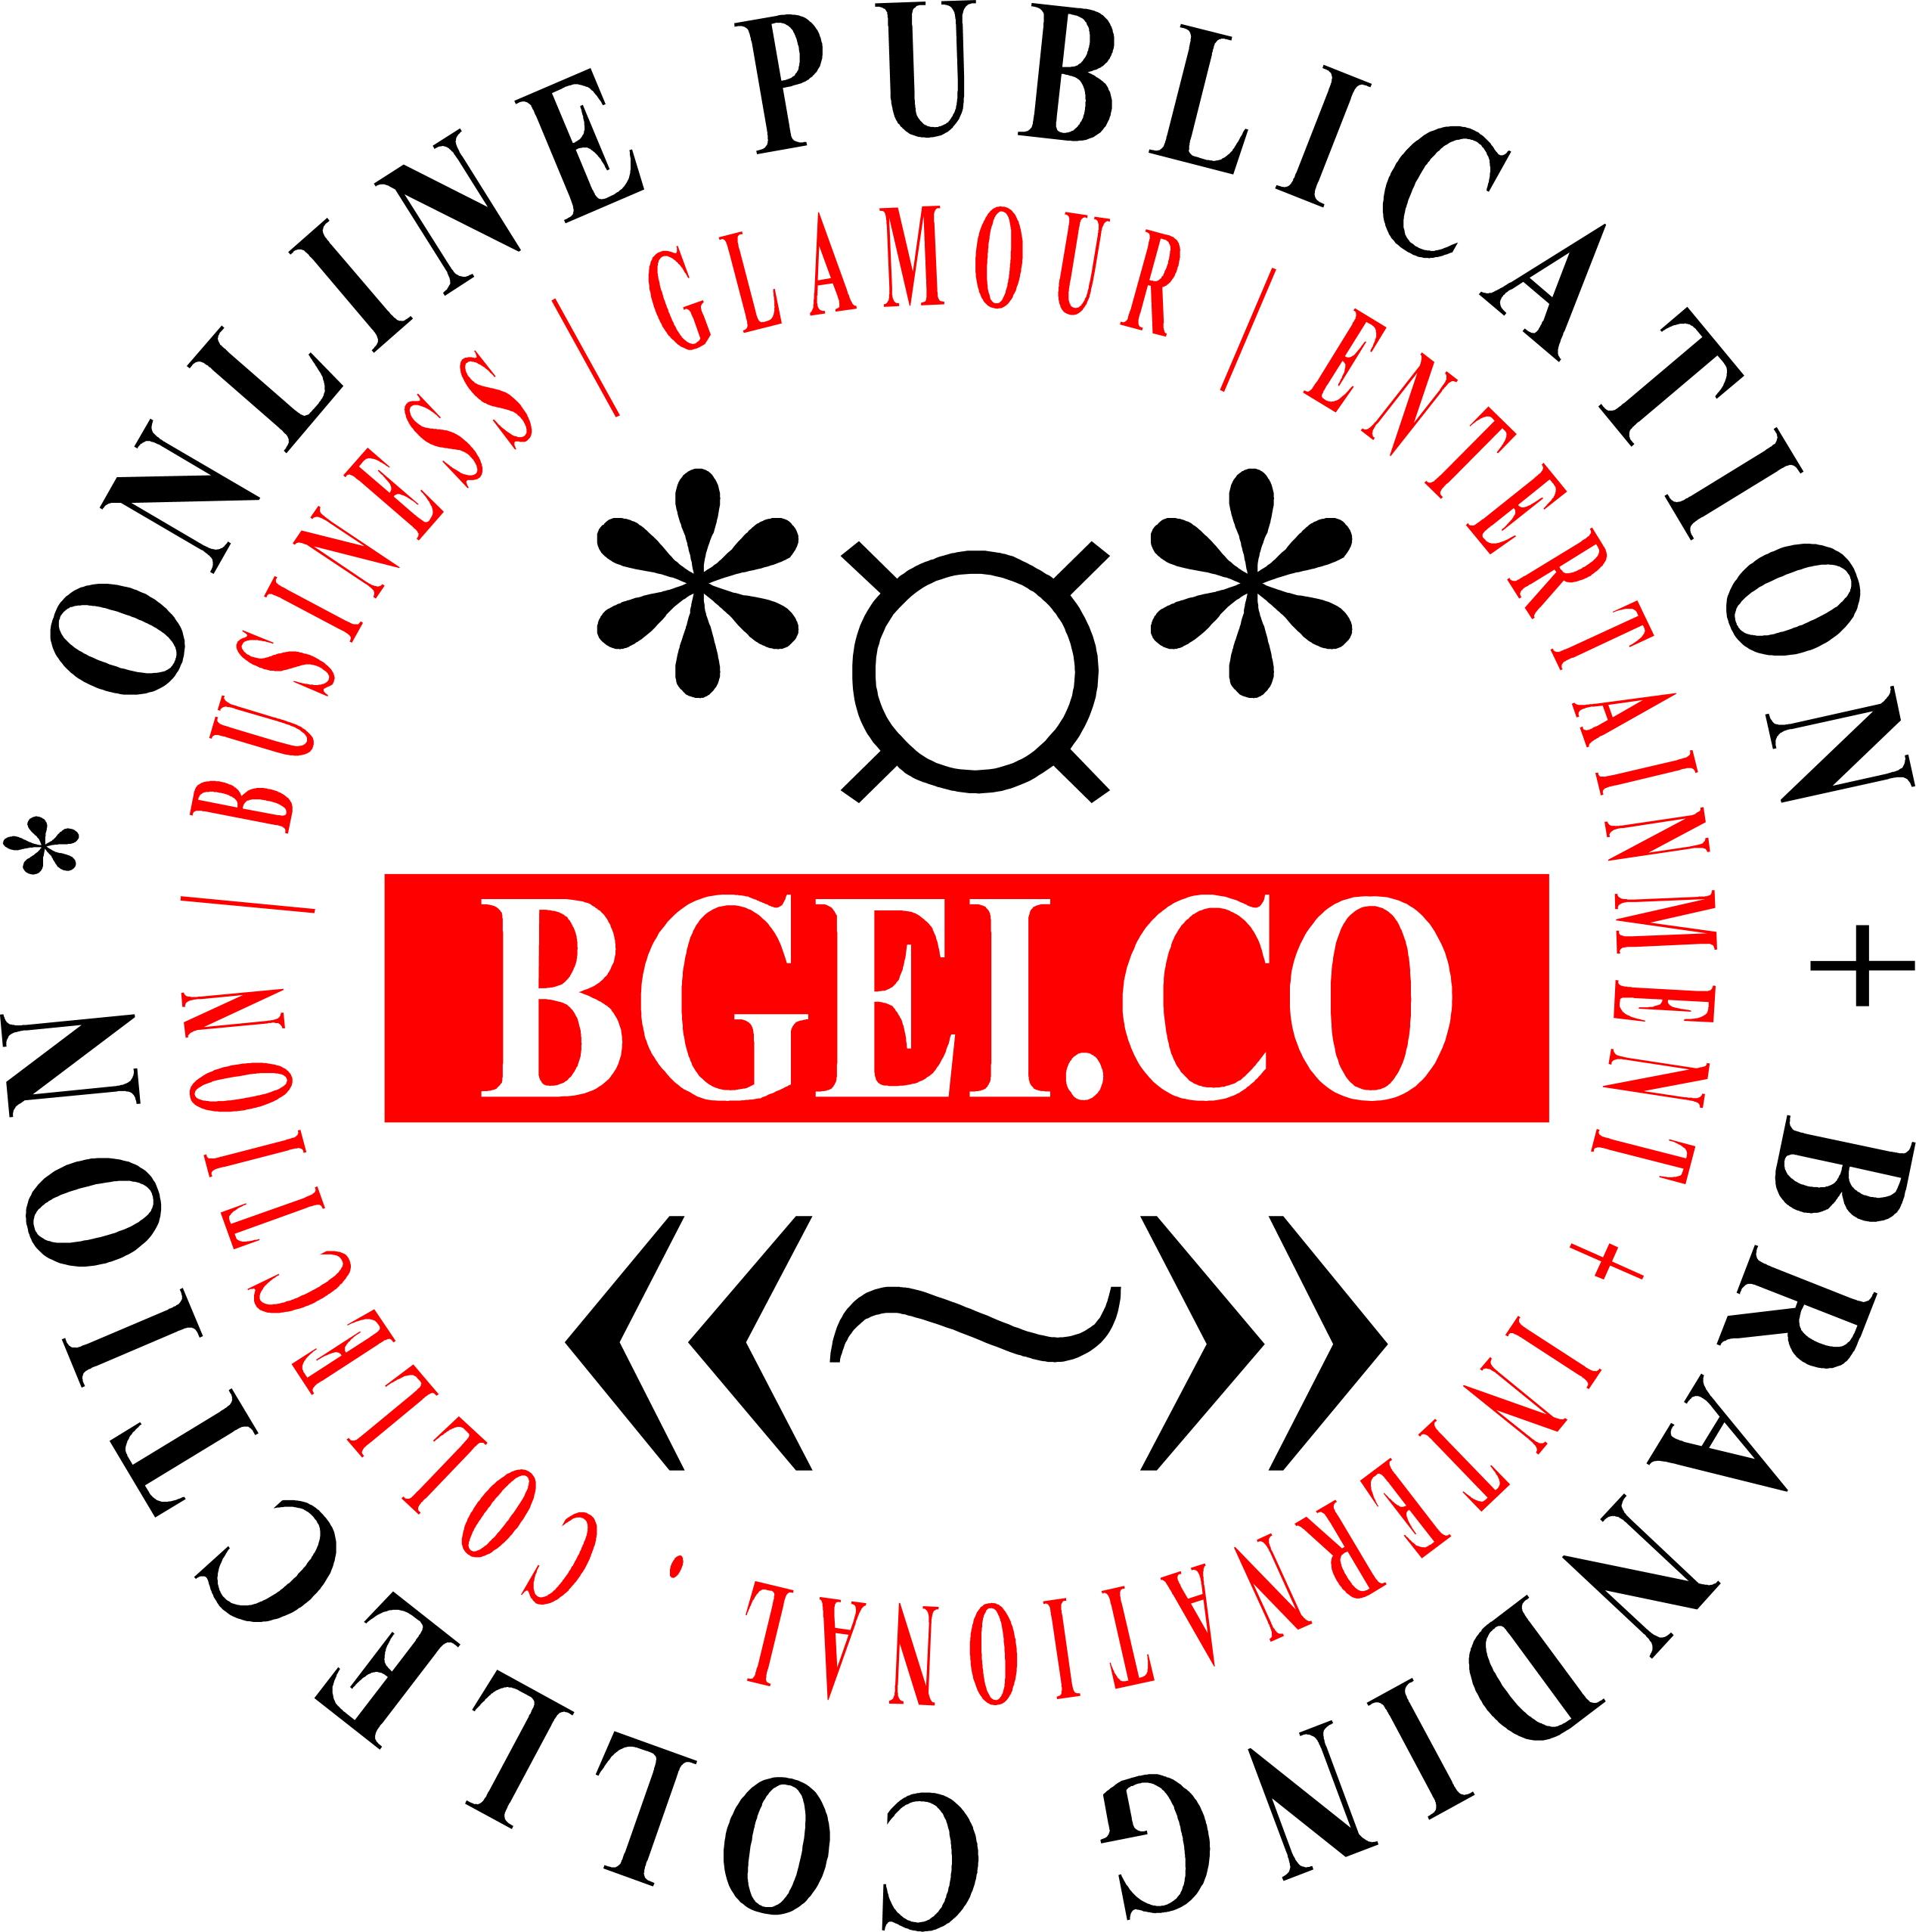 BGEI.CO